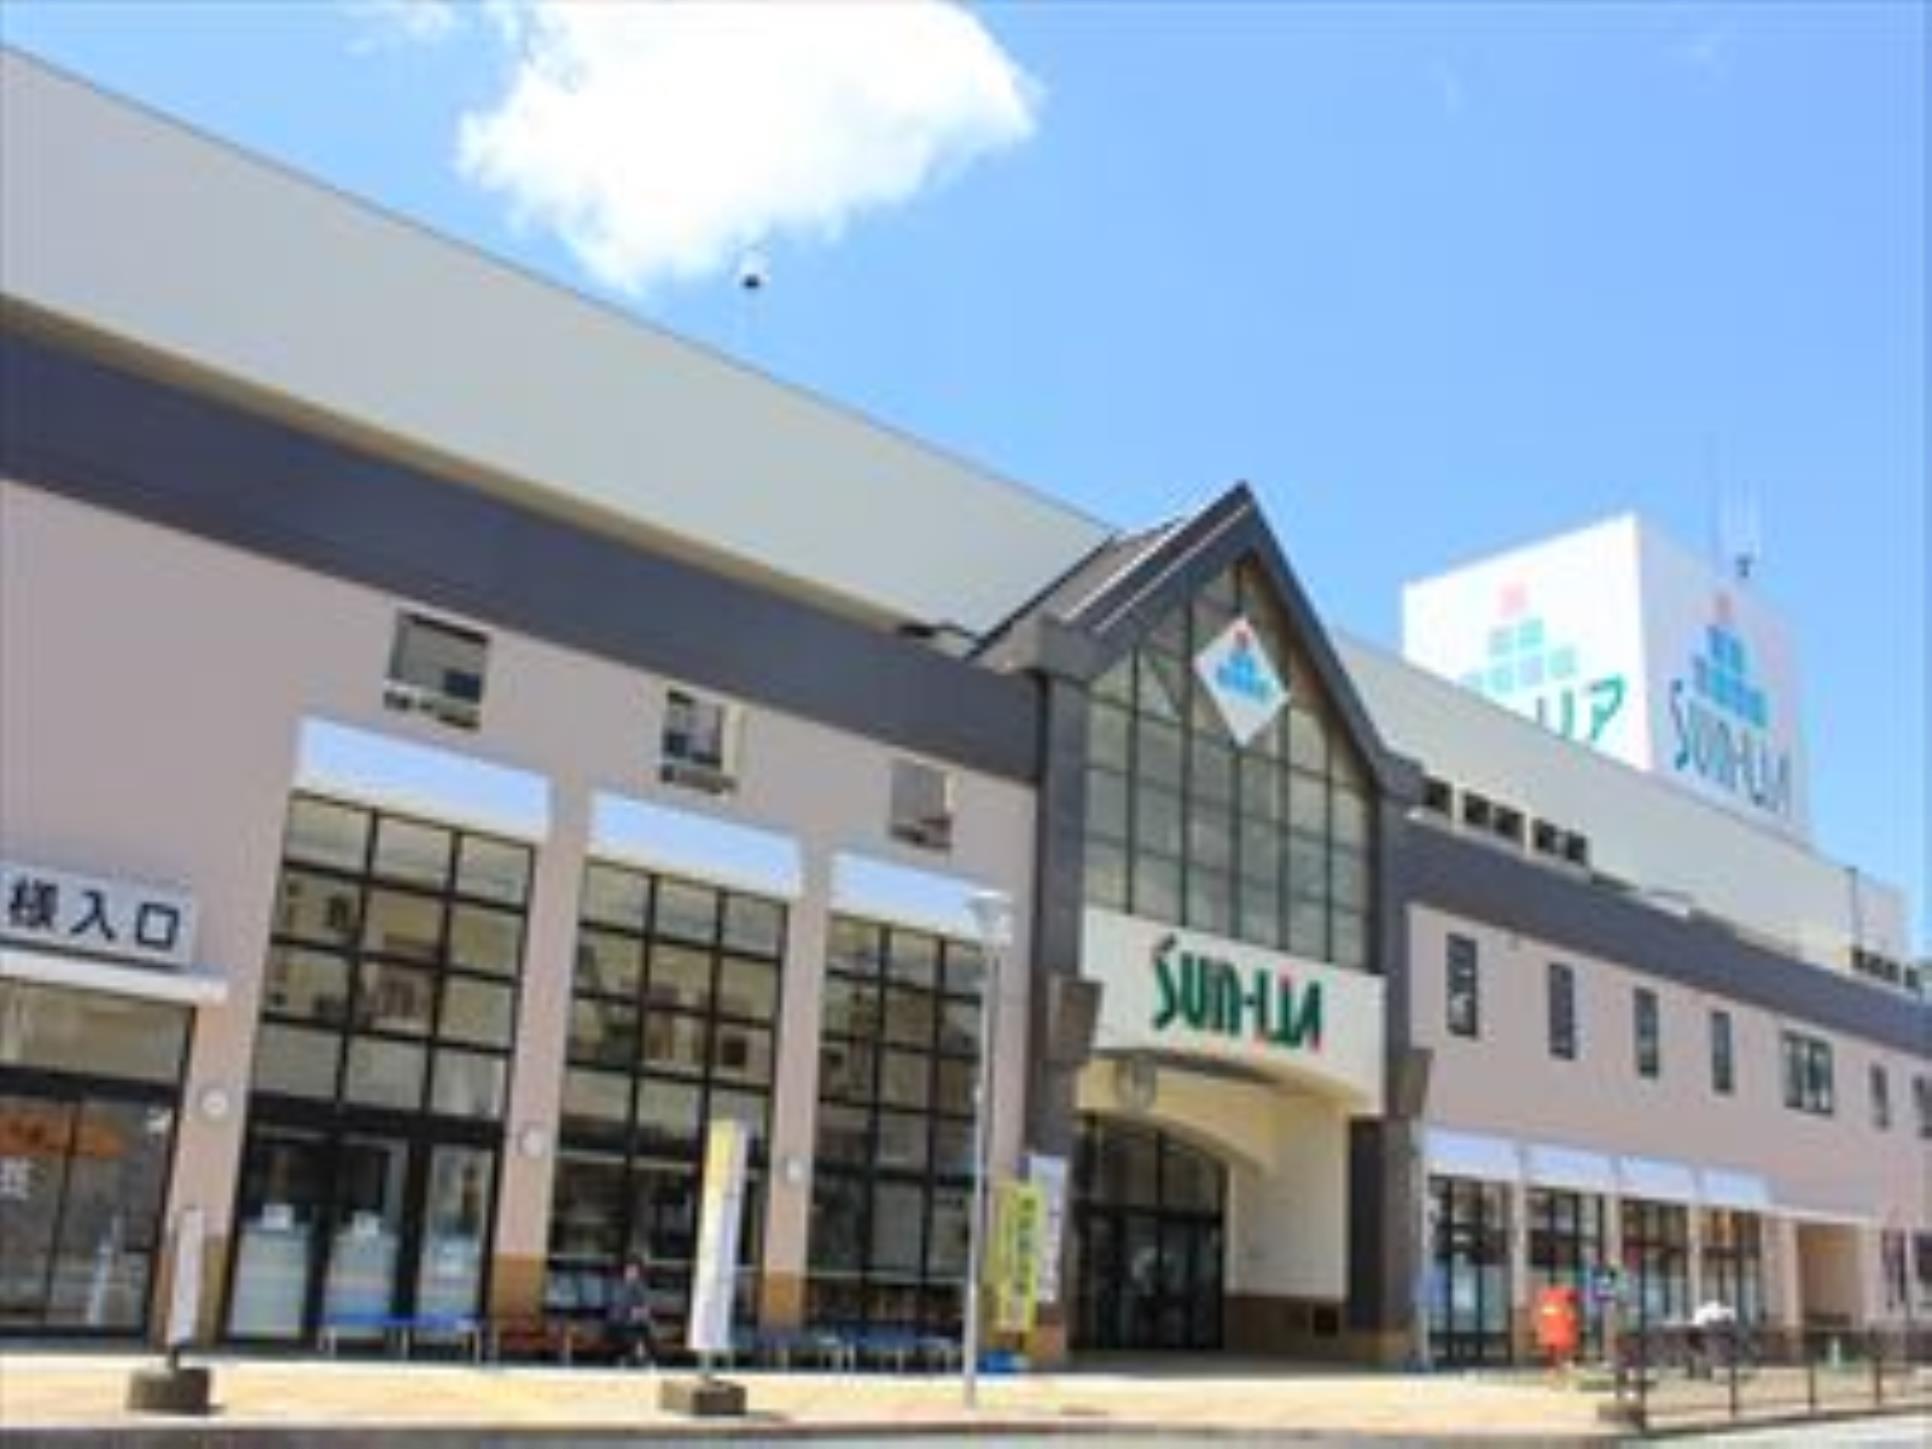 南三陸ショッピングセンター(サンリア)